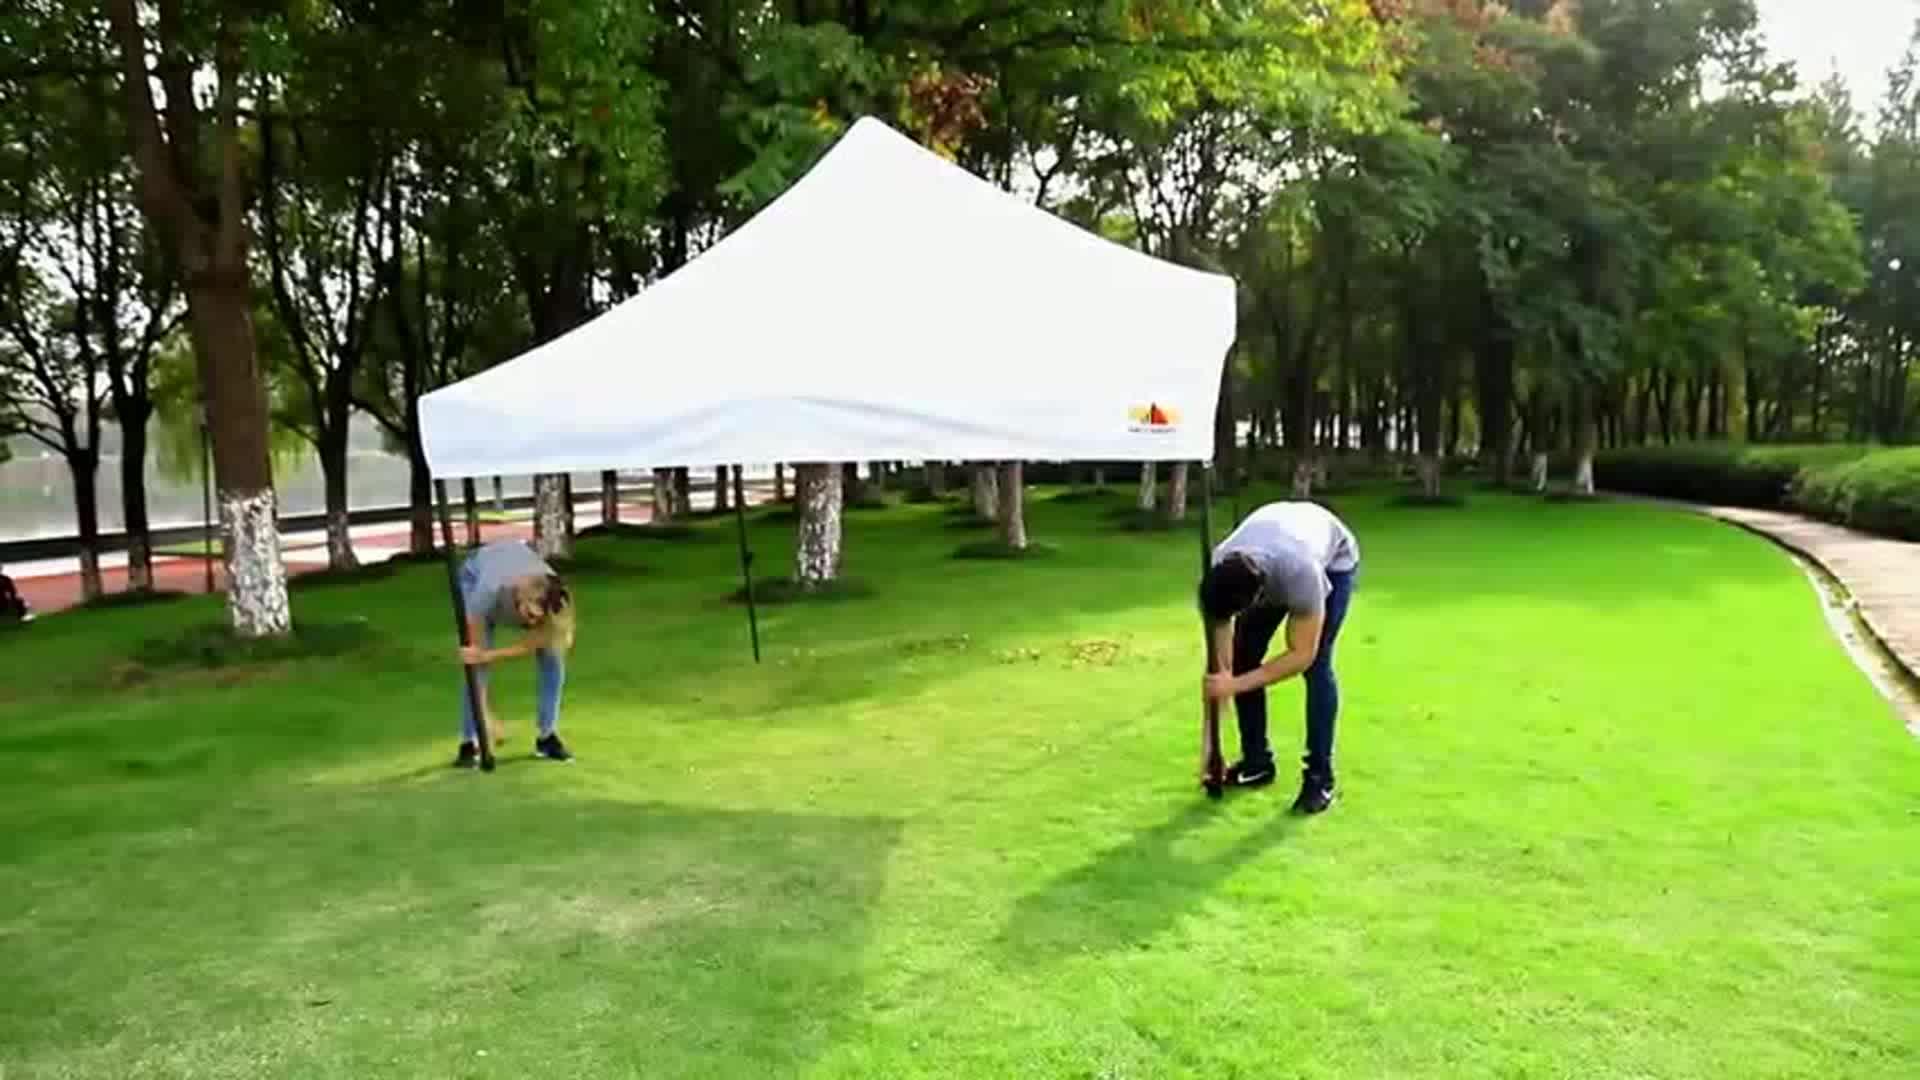 Yeni Taşınabilir oxford kumaş 3x3 pop up alüminyum, çelik katlanır çadır eğlence çadırı, kamp çadırı